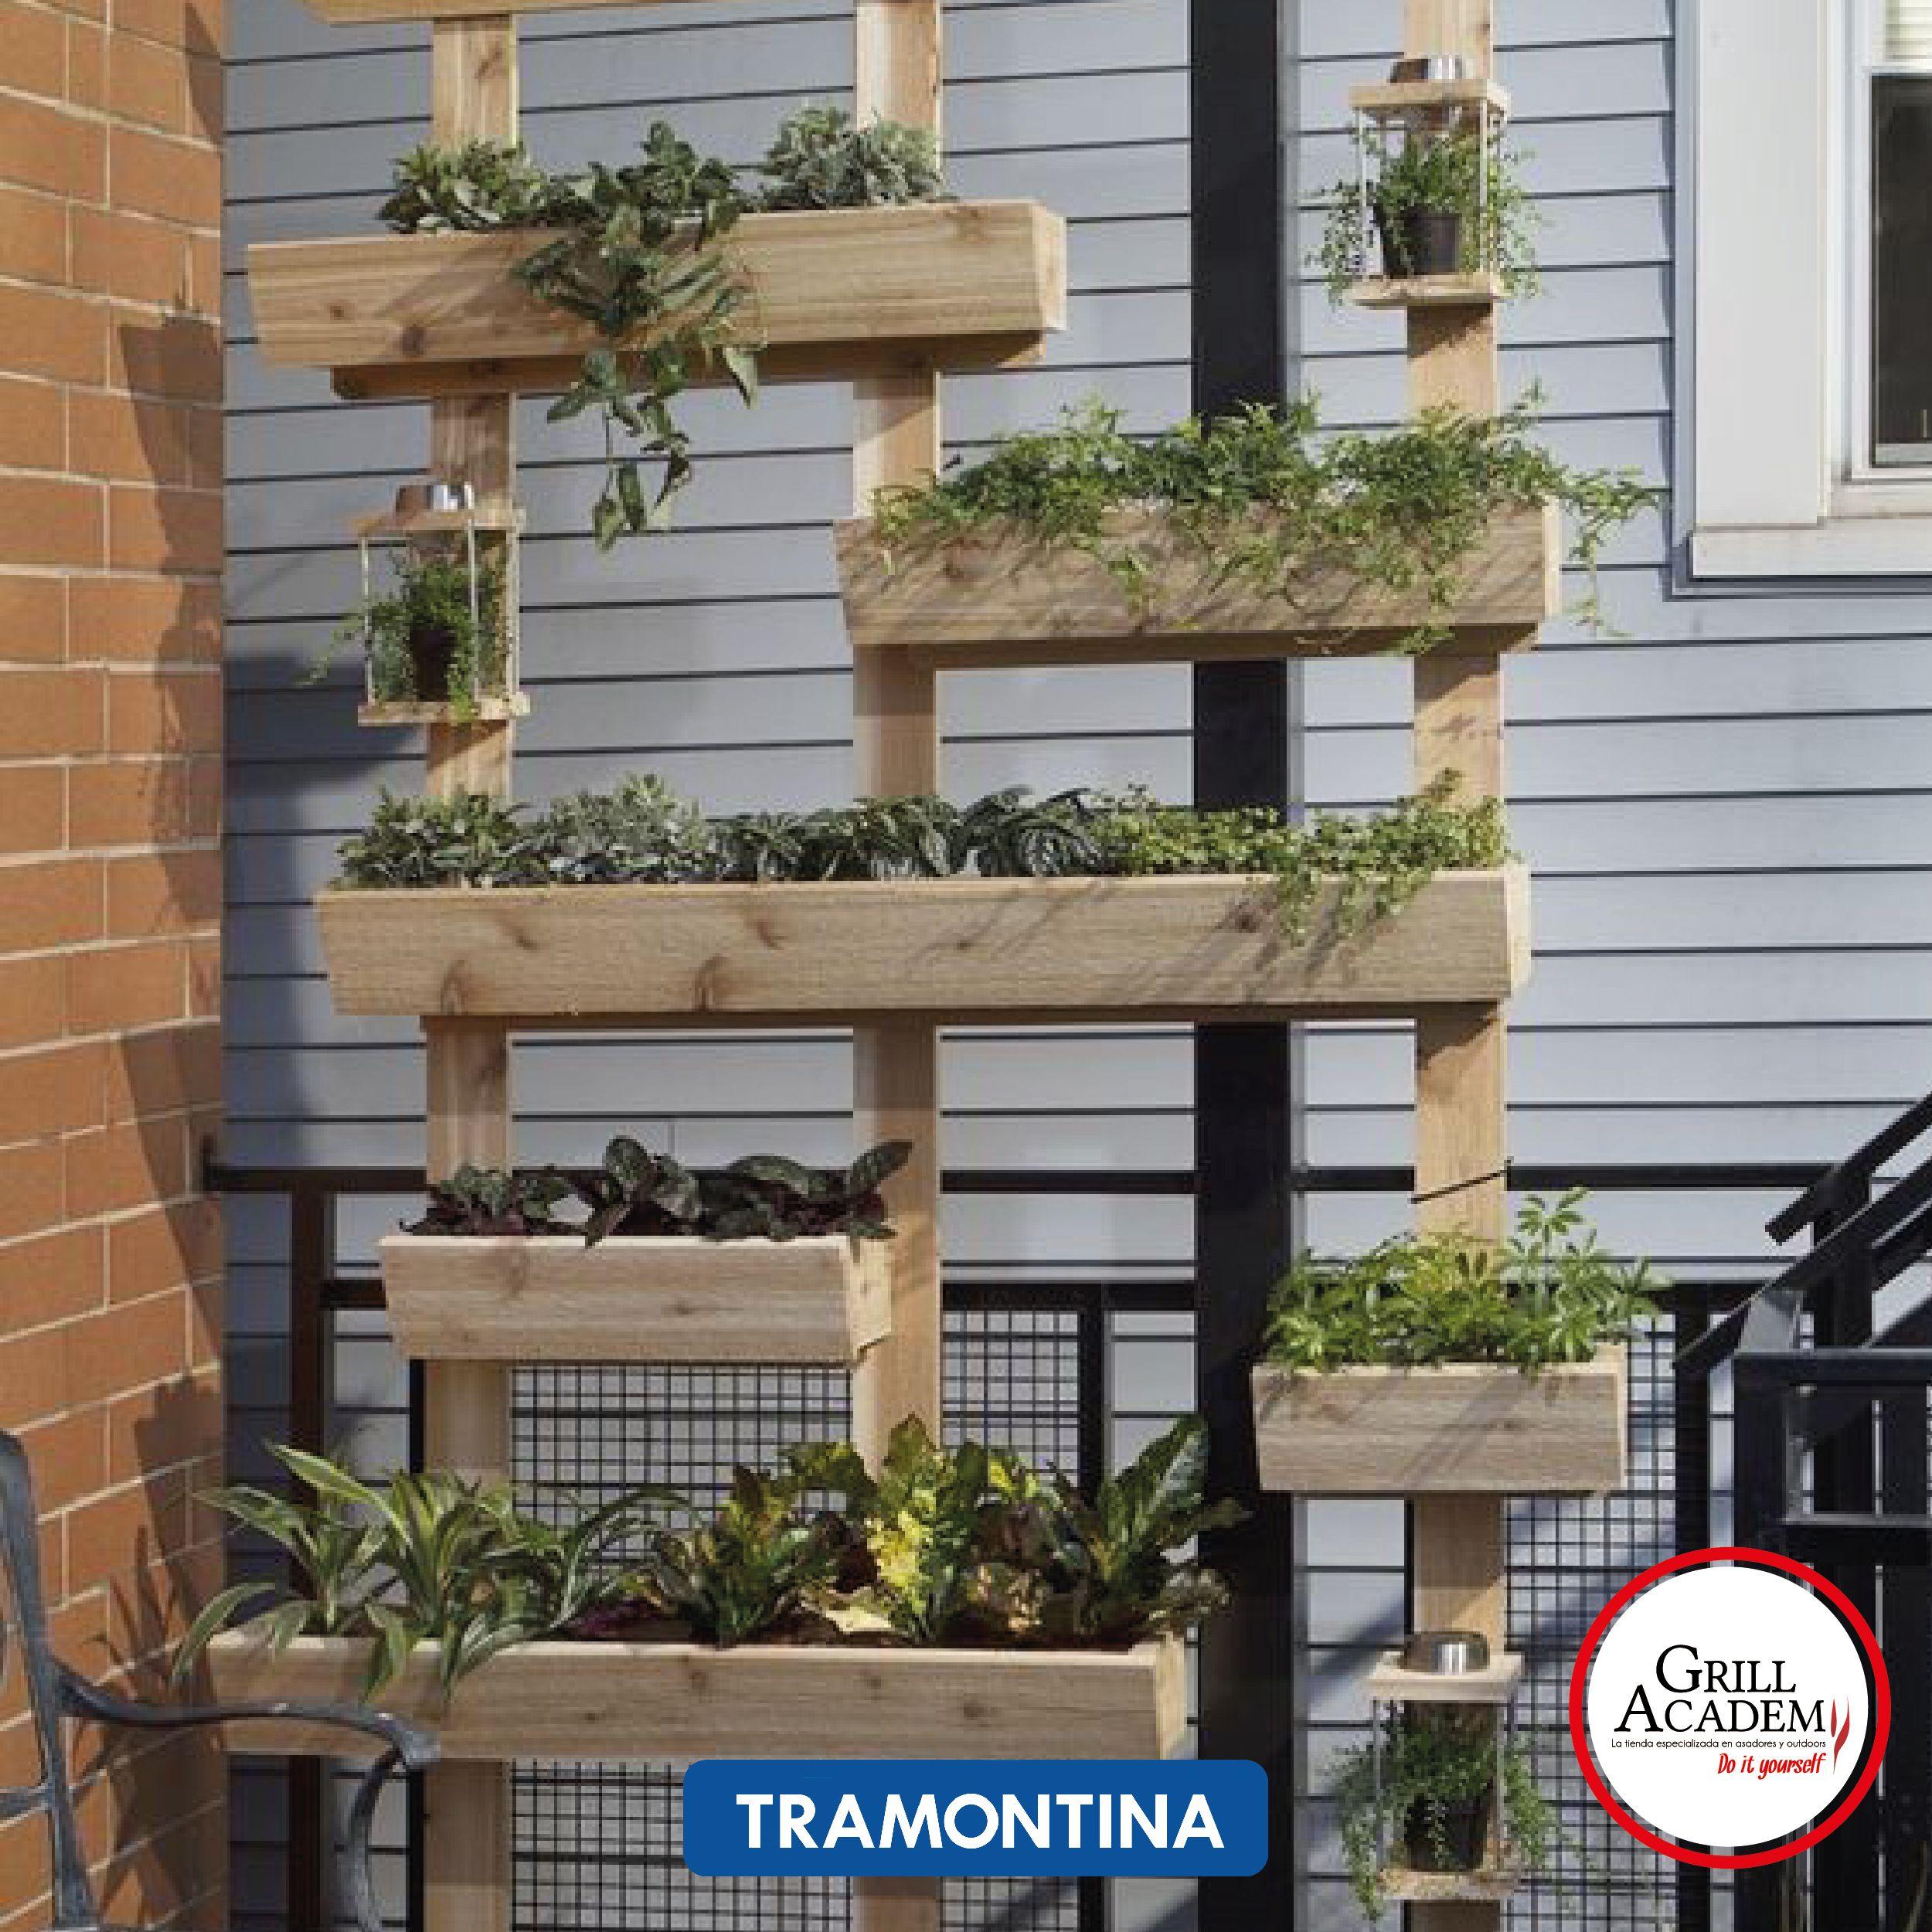 Hoy con #Tramontina una idea única para organizar un pequeño jardín en tu apartamento con nuestro instrumentos #Diy #MomentosGrillAcademy #HazloTuMismo Foto: pinterest